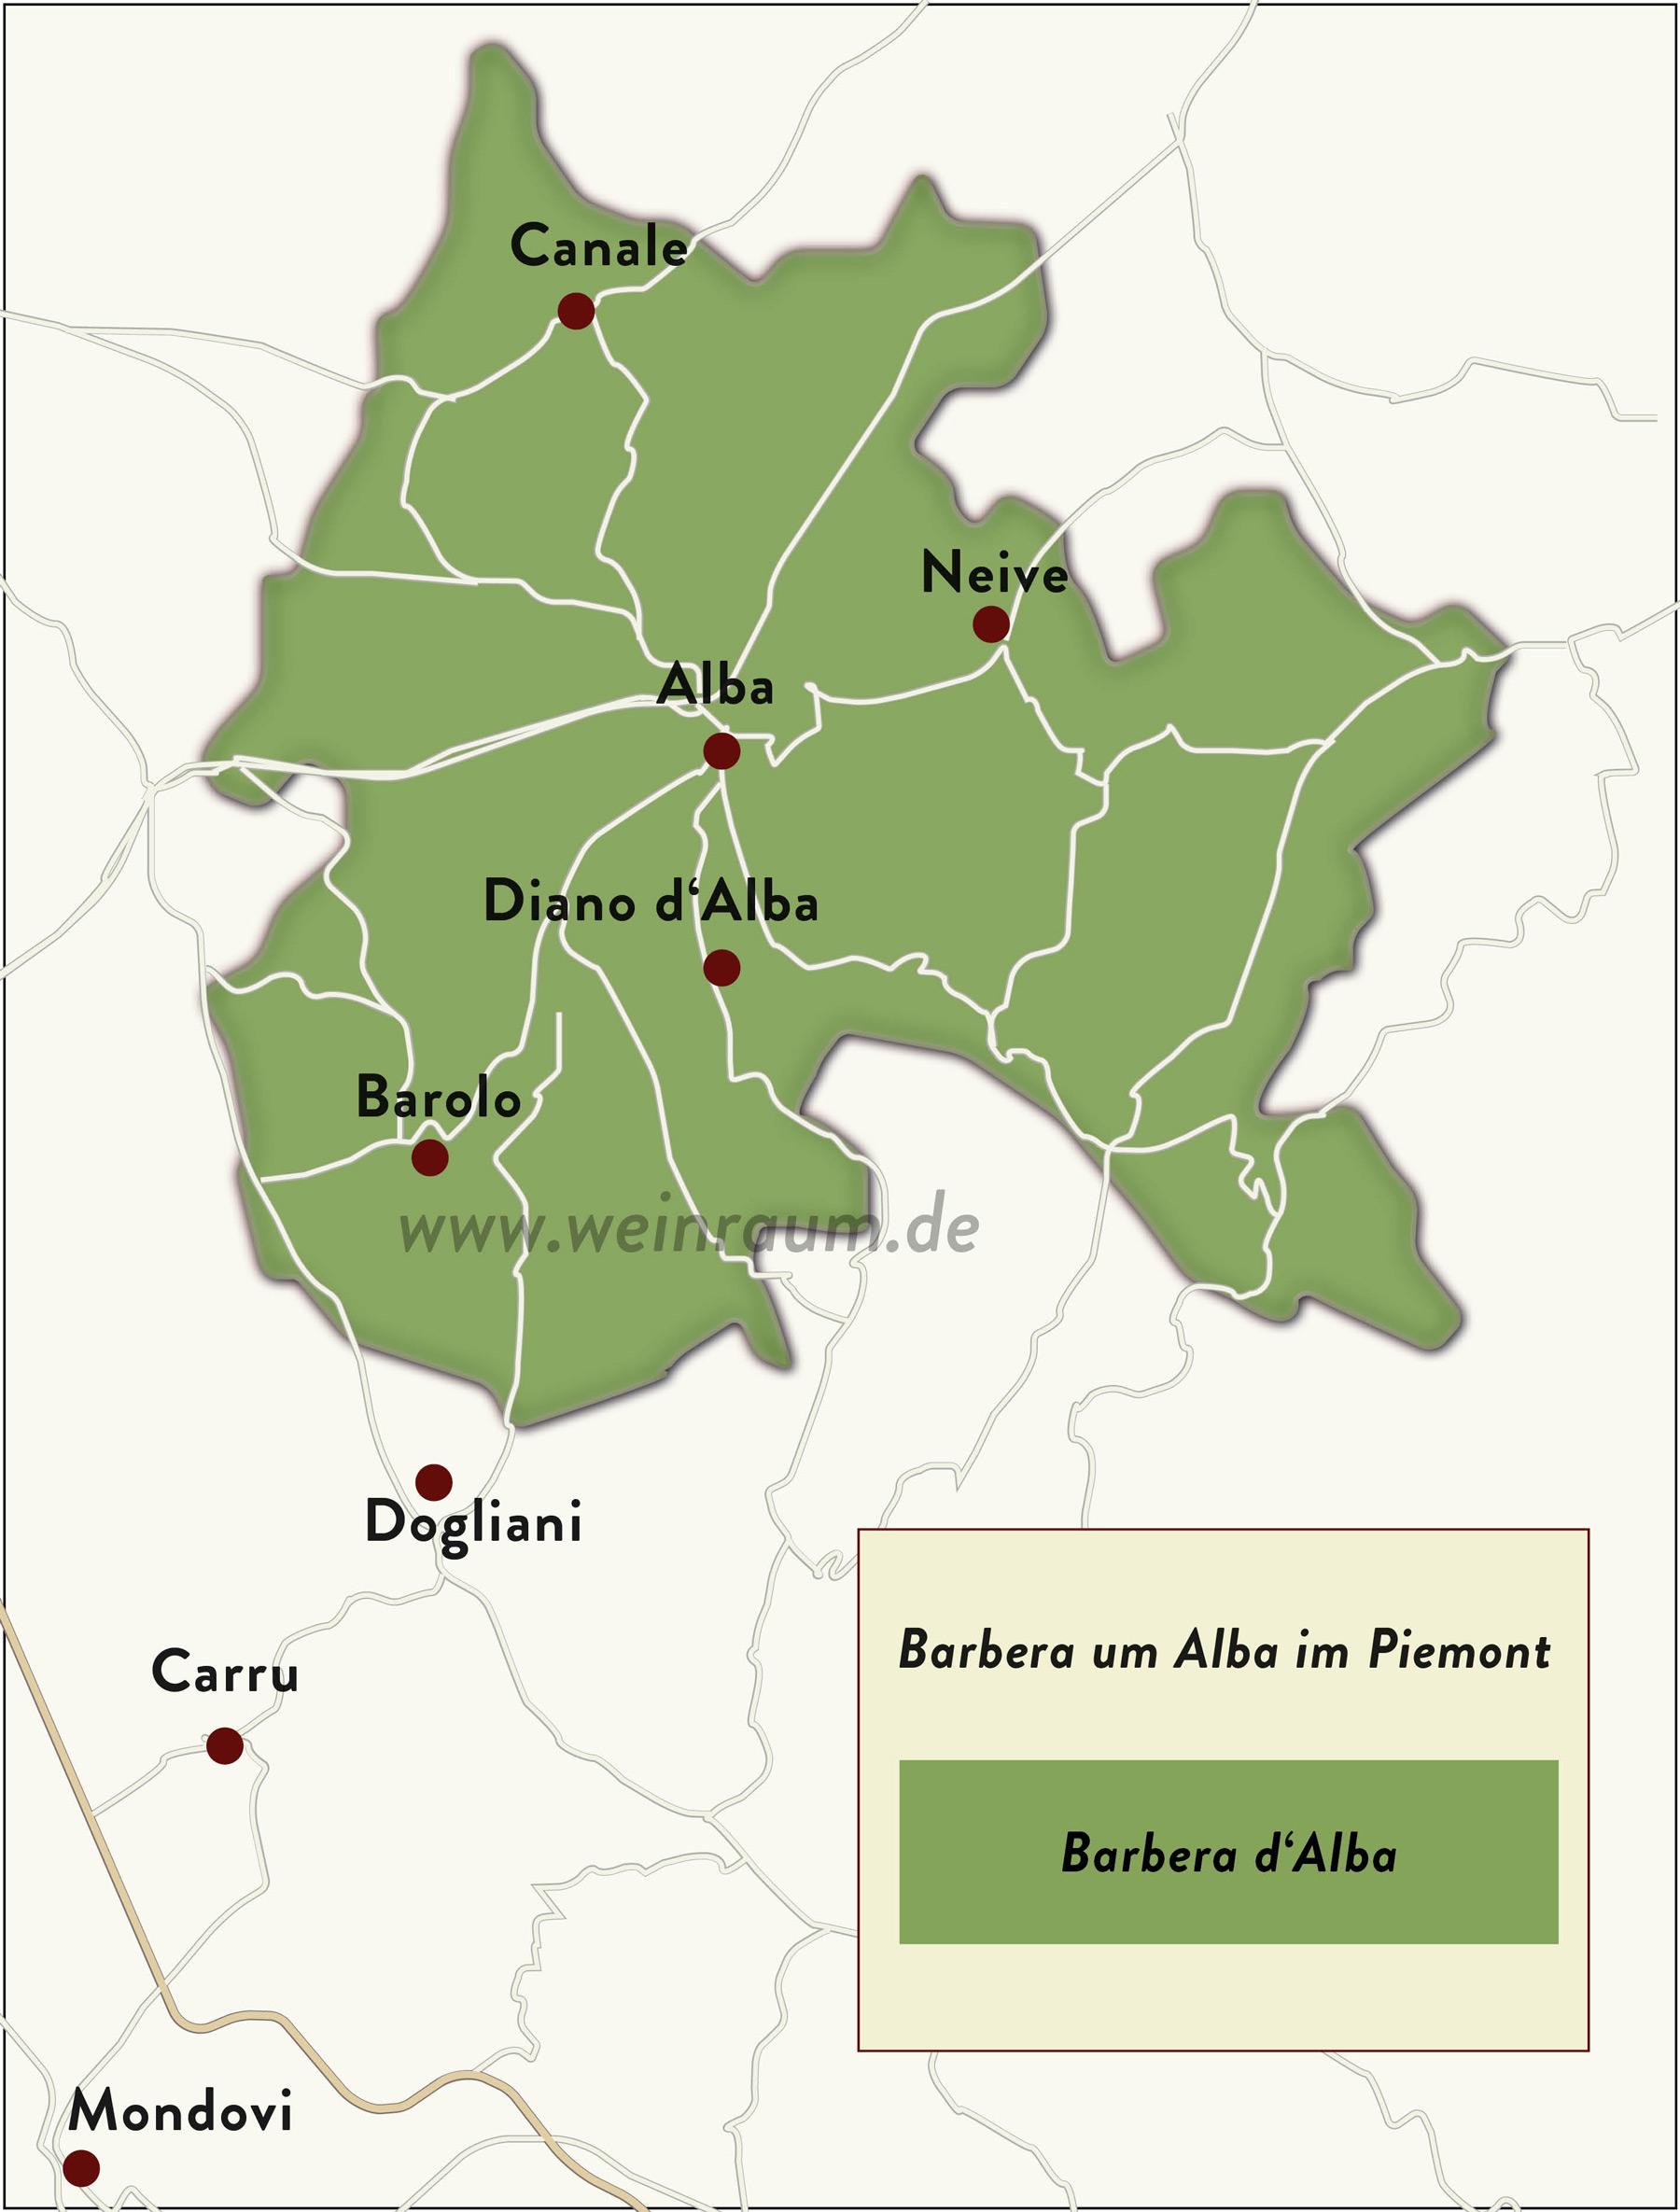 Um Alba hat der Barbera eine eigene Region